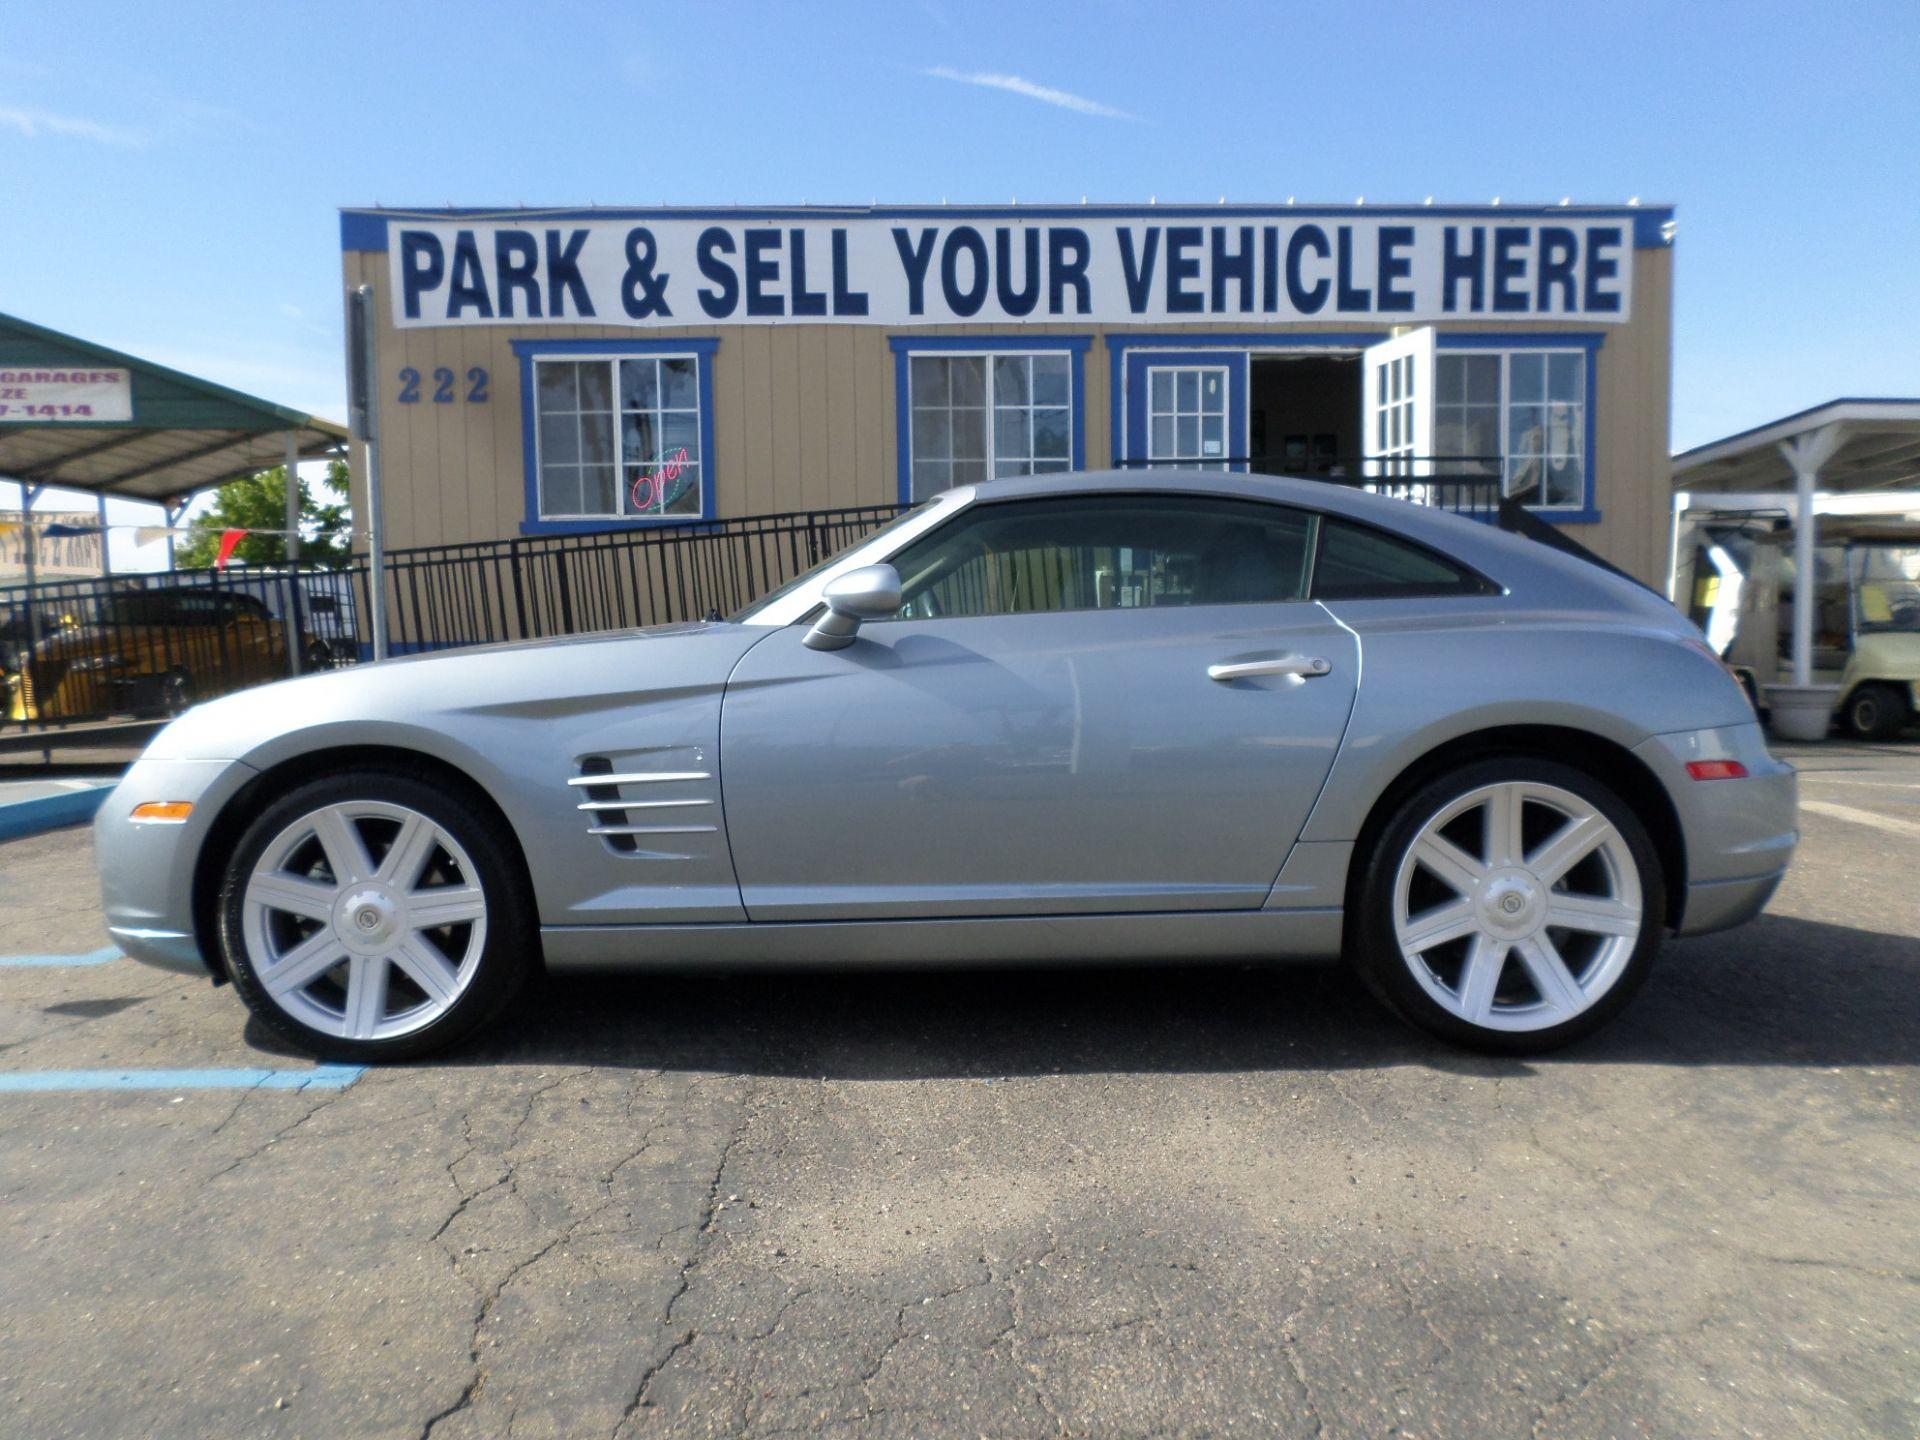 2004 Chrysler Crossfire Chrysler Crossfire Cars For Sale Crossfire